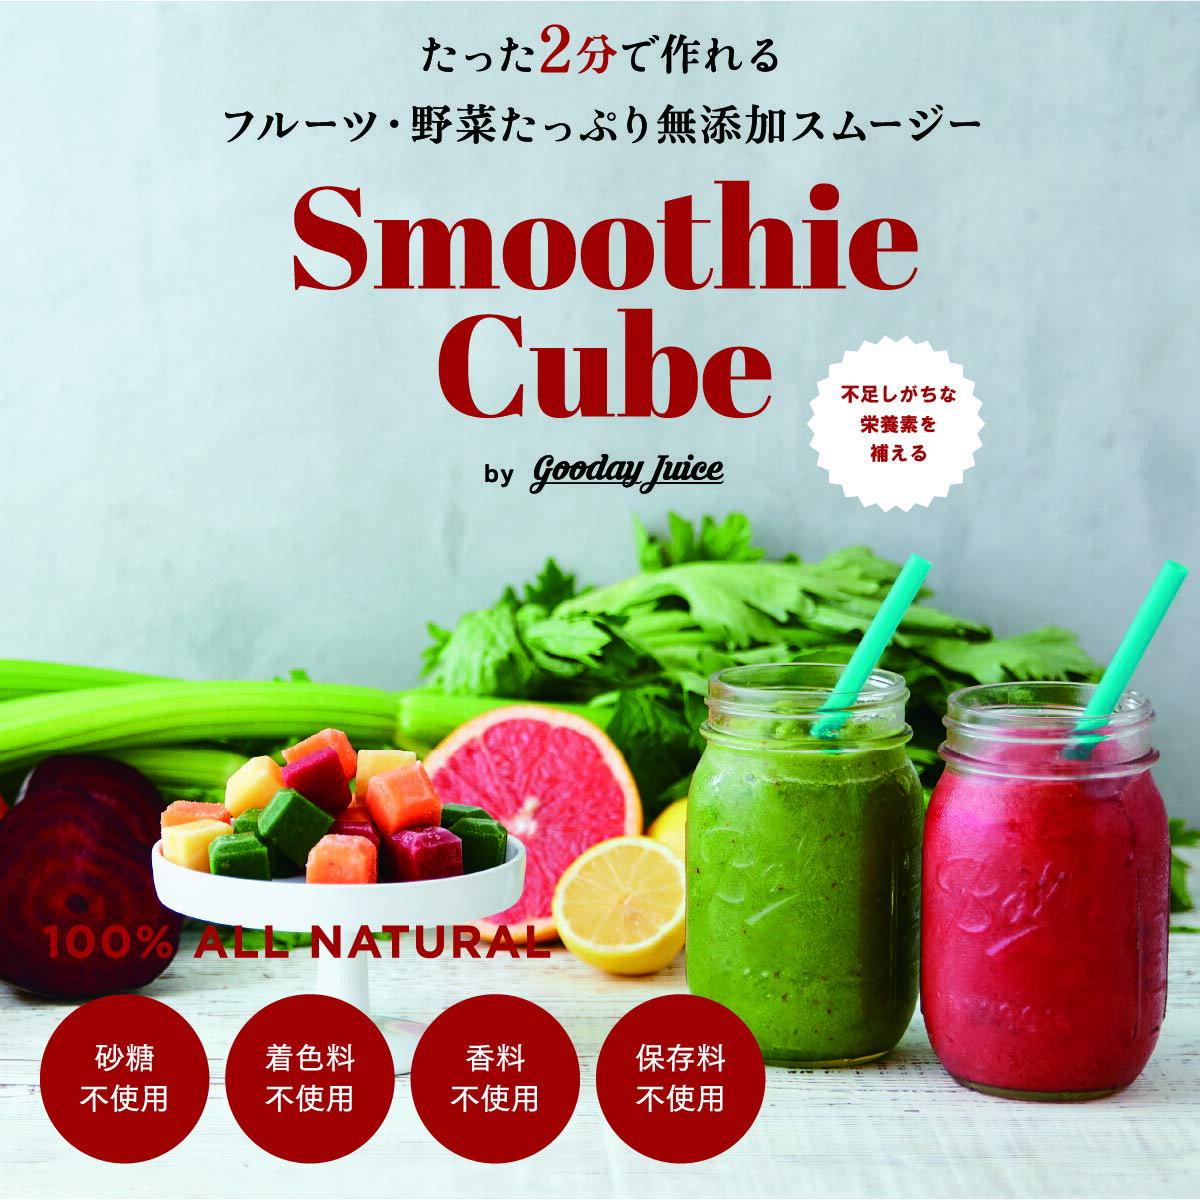 產品詳細資料,Japan Yahoo on behalf of the standard|Japanese shopping service|Japanese wholesale-ibuy99|GoodayJuice スムージーキューブ ビューティーセット14パック(14杯分)       …